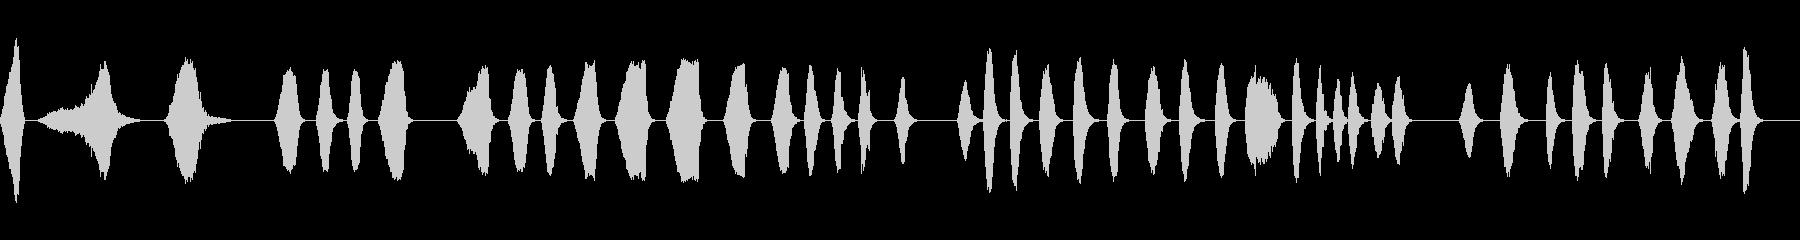 ジェットウォッシュフィルターの未再生の波形